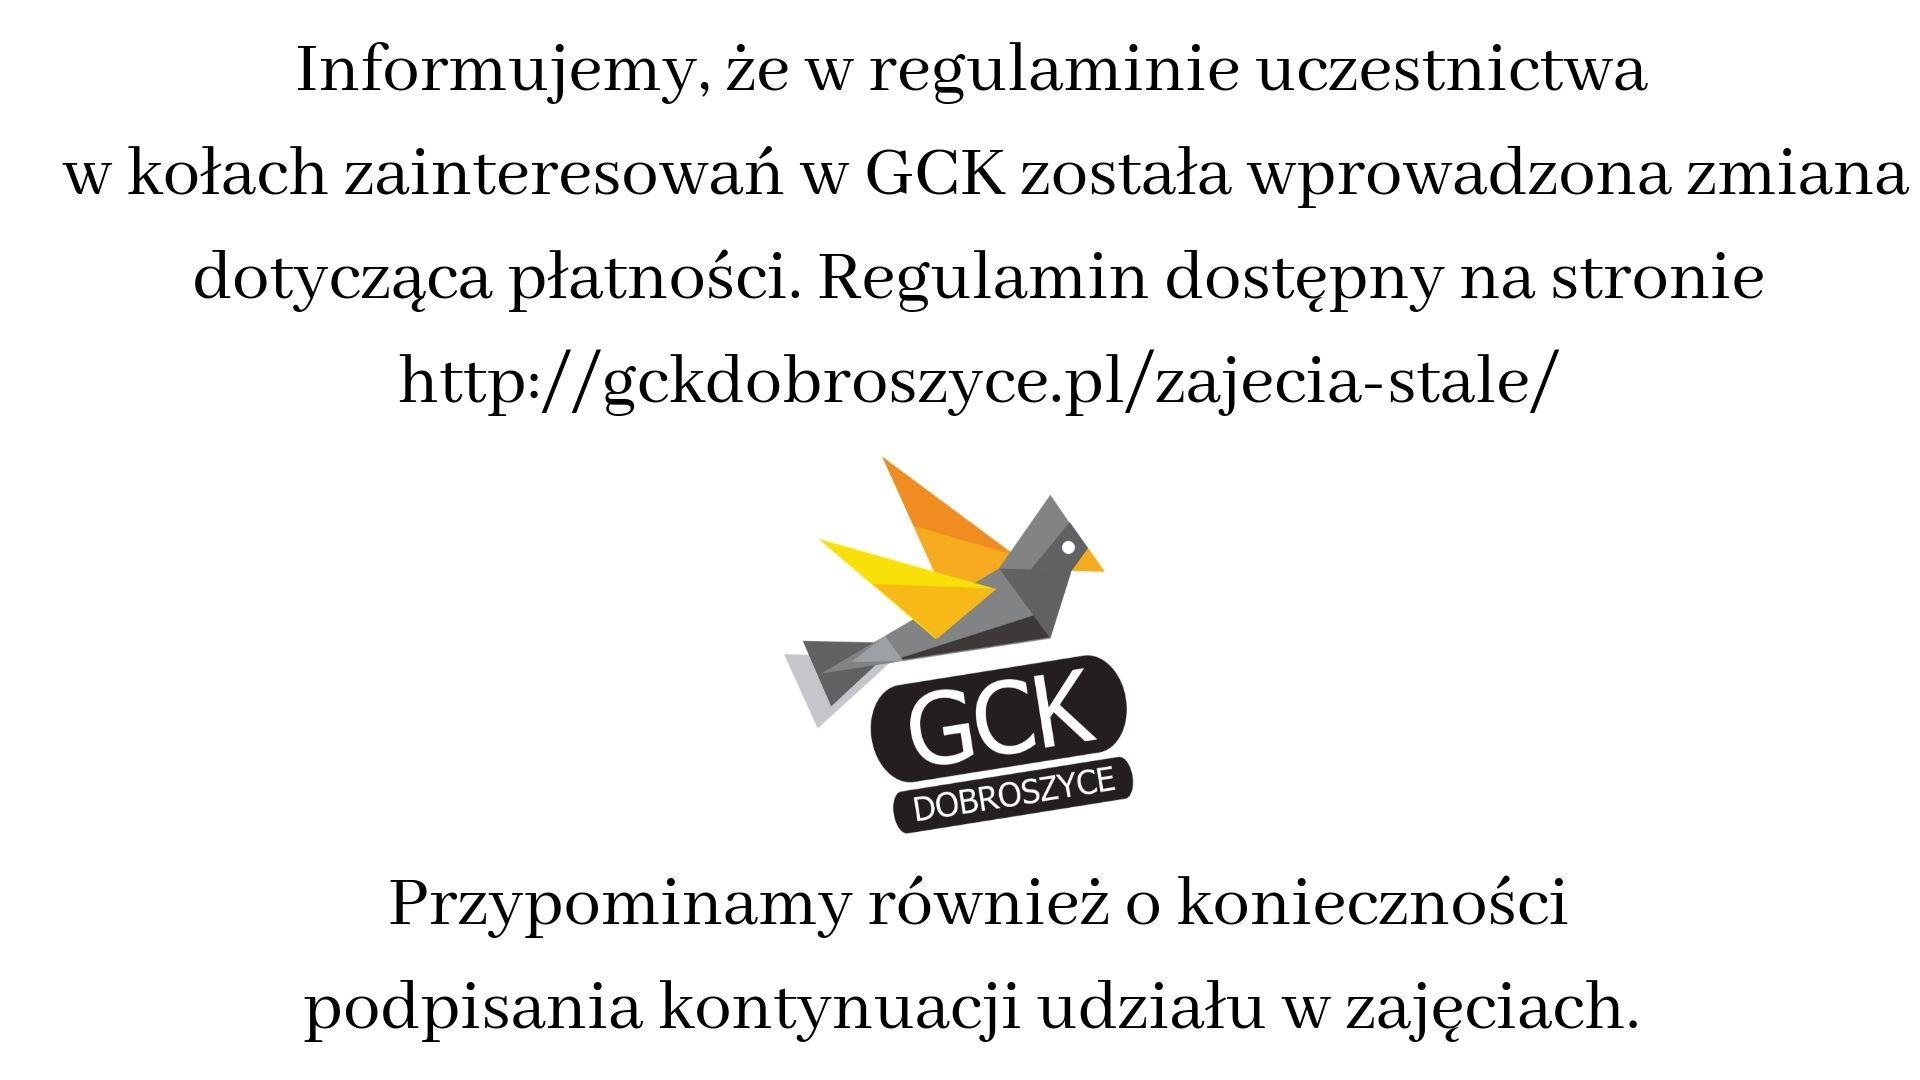 Informujemy, że w regulaminie uczestnictwa w kołach zainteresowań w GCK została wprowadzona zmiana dptycząca płatności. Regulamin dostępny na stronie http-%2F%2Fgckdobroszyce.pl%2Fzajecia-stale%